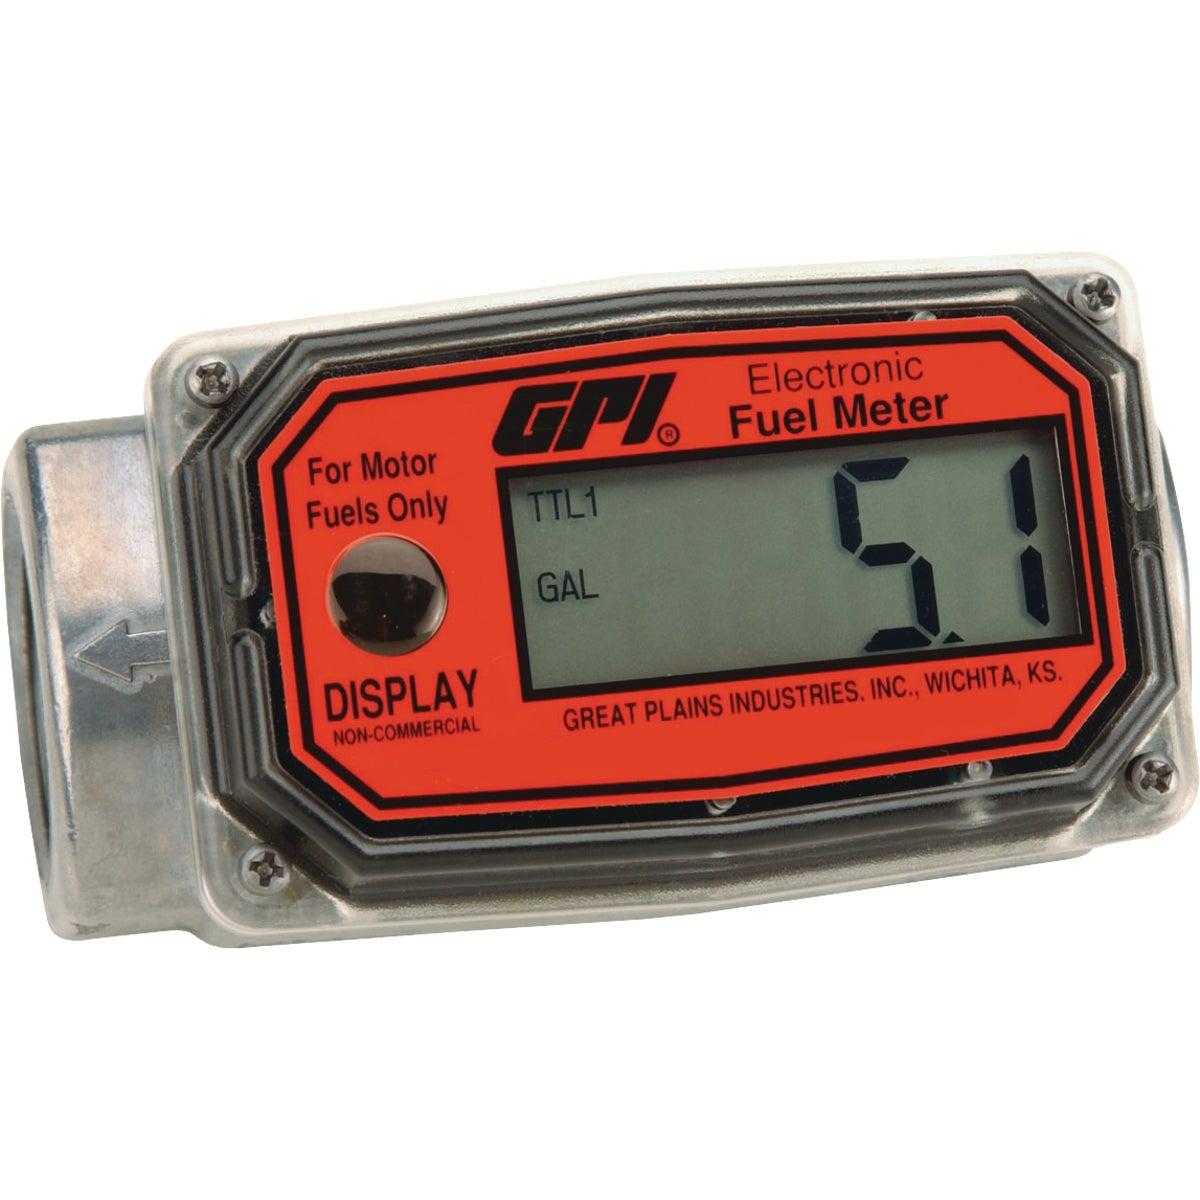 Tuthill Transfer System FLOW METER KIT 807CMK